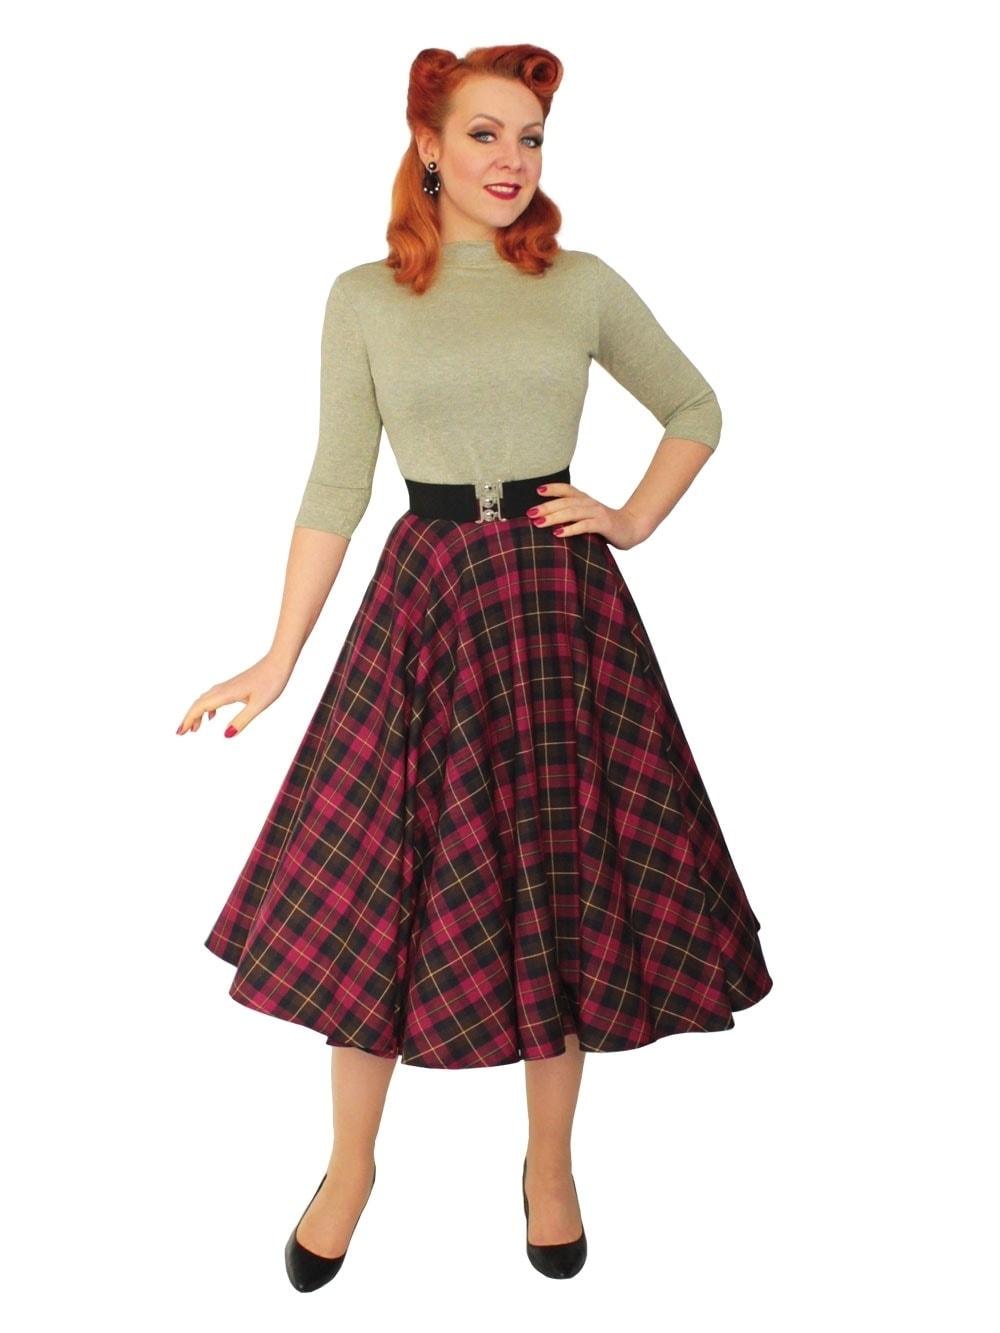 4a755a58a52b5 1950s Circle Skirt Cherry Tartan from Vivien of Holloway